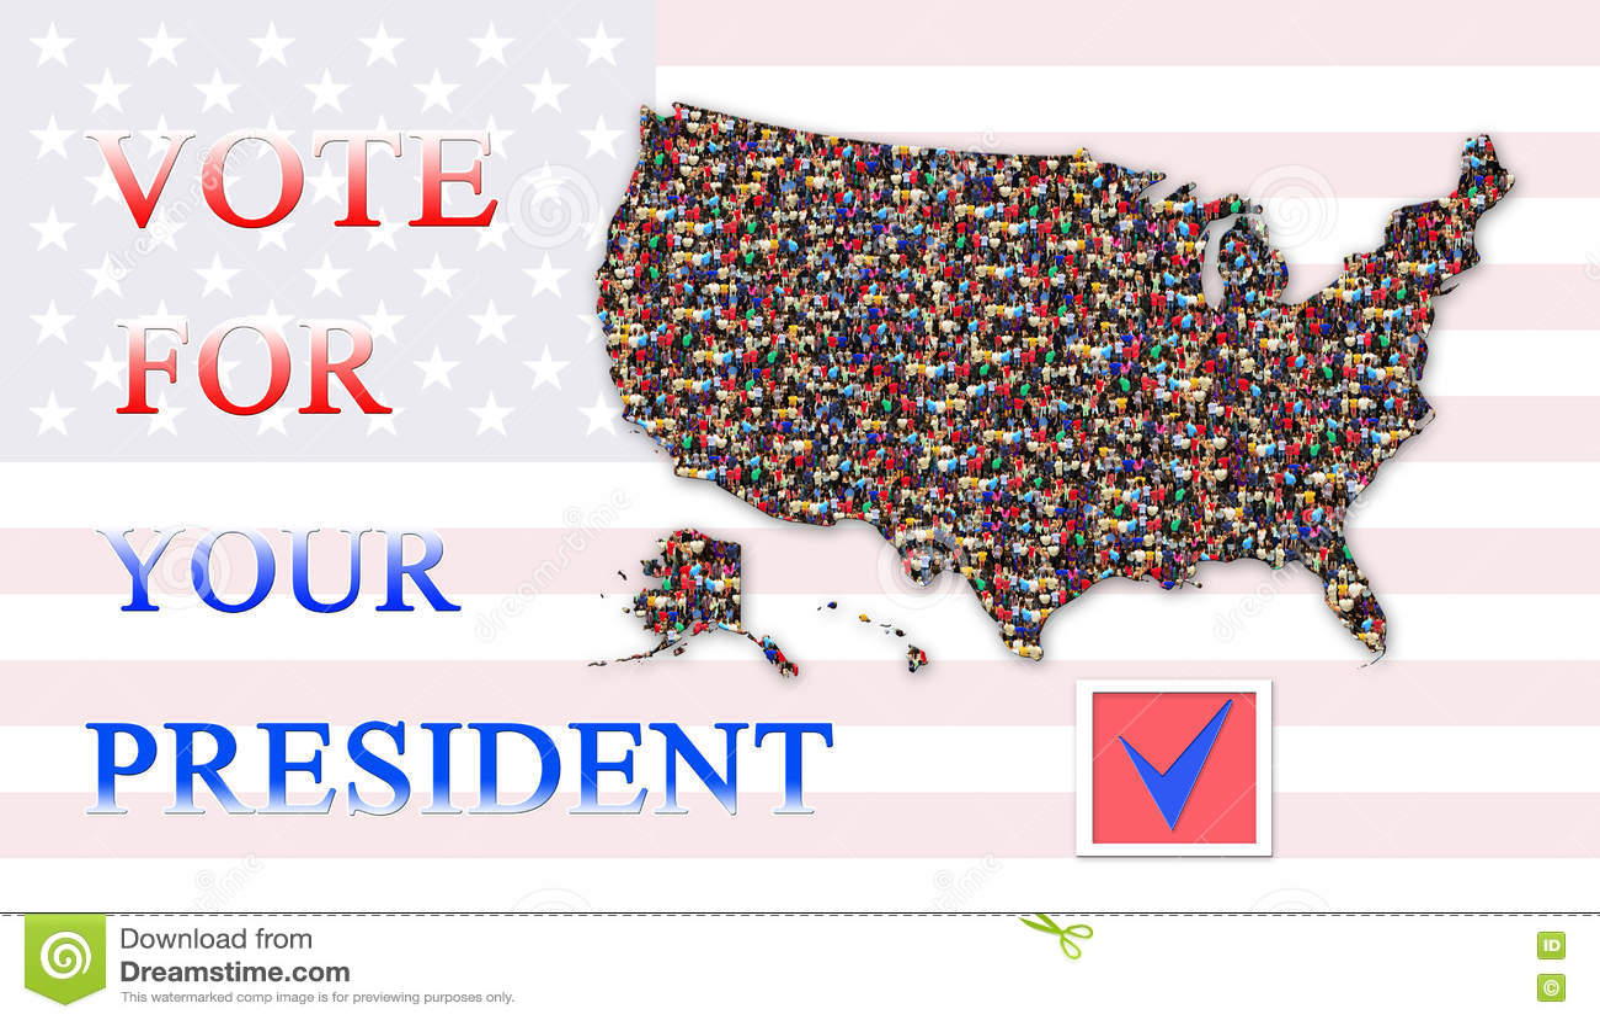 Appellieren Sie Abstimmung Auf Prasidentschaftswahl Mit Karte Von